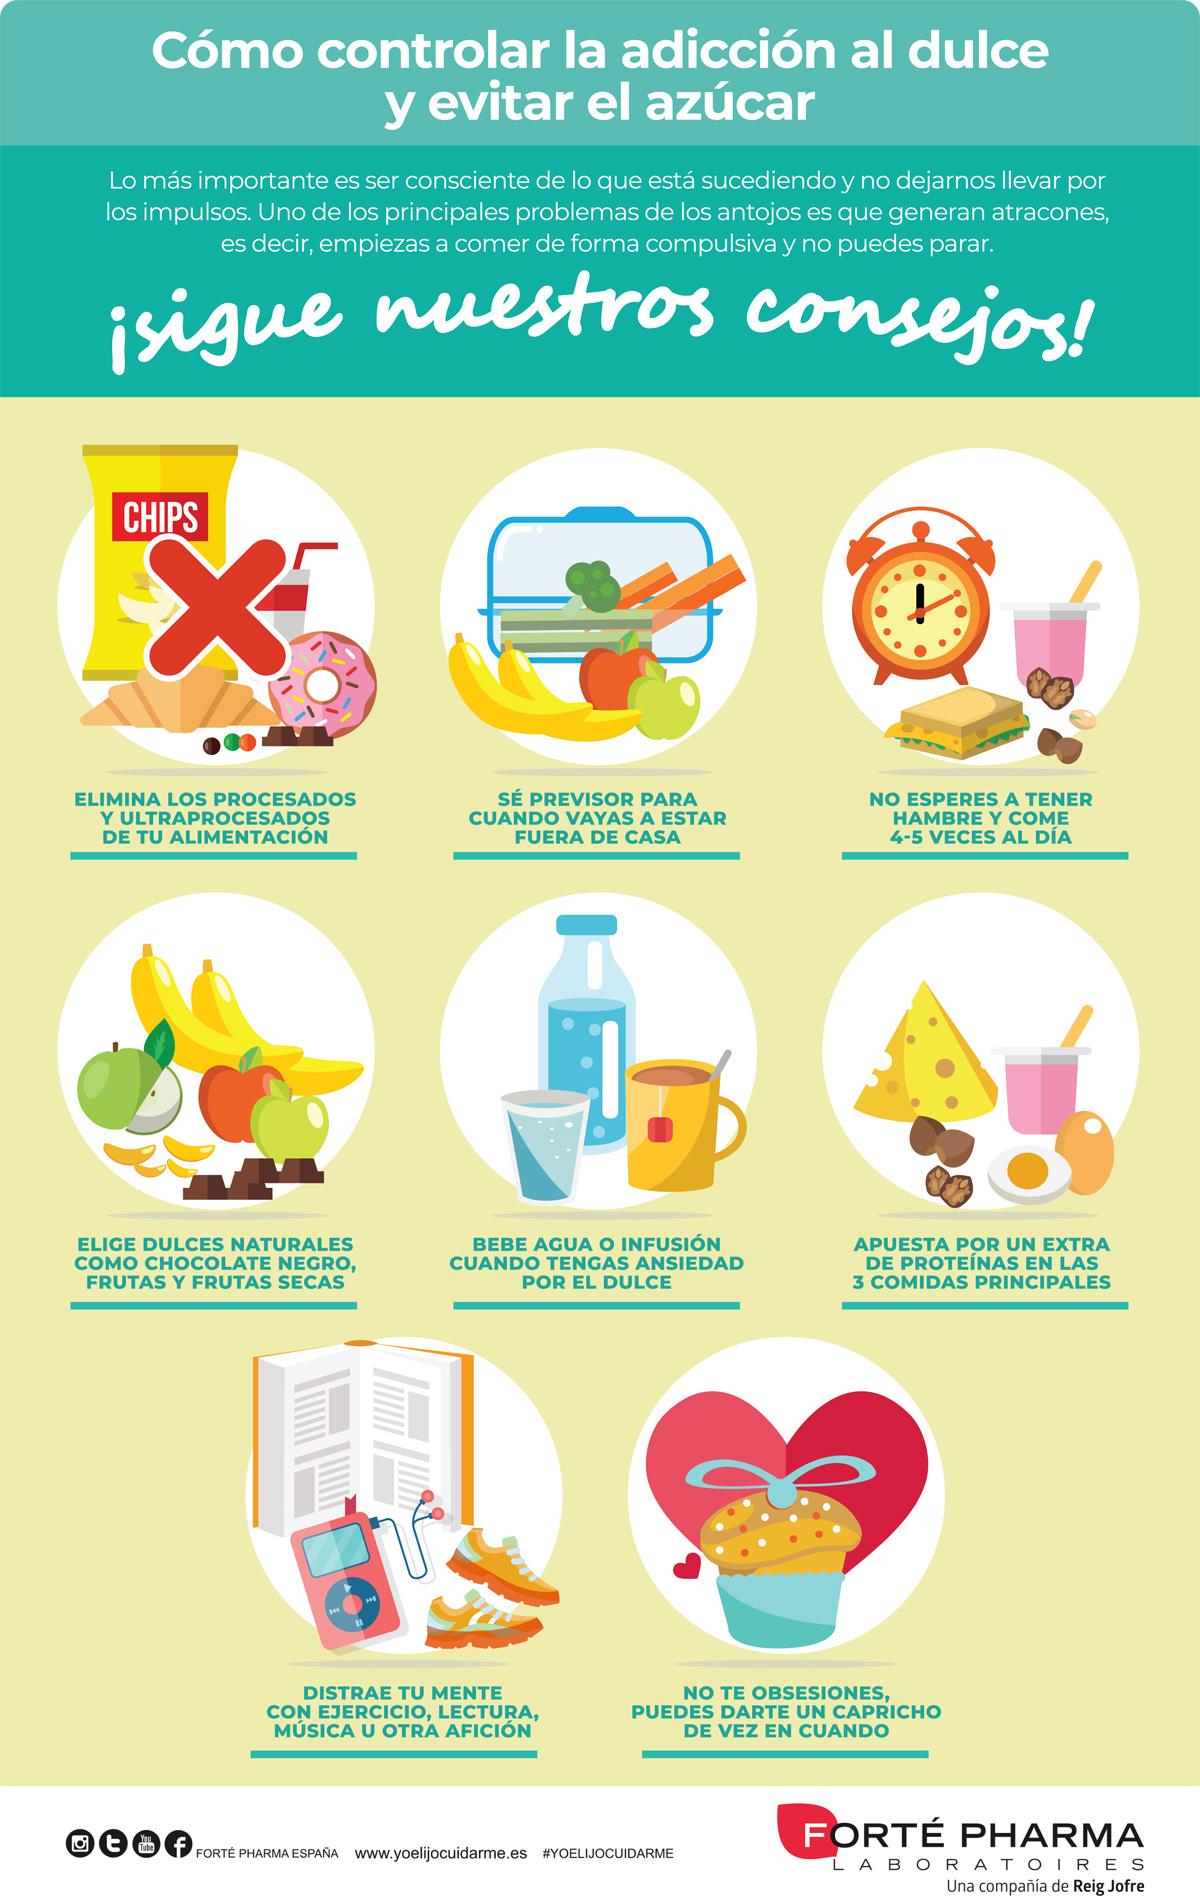 ¿Debilidad por el azúcar? Cómo dejar de comer dulces